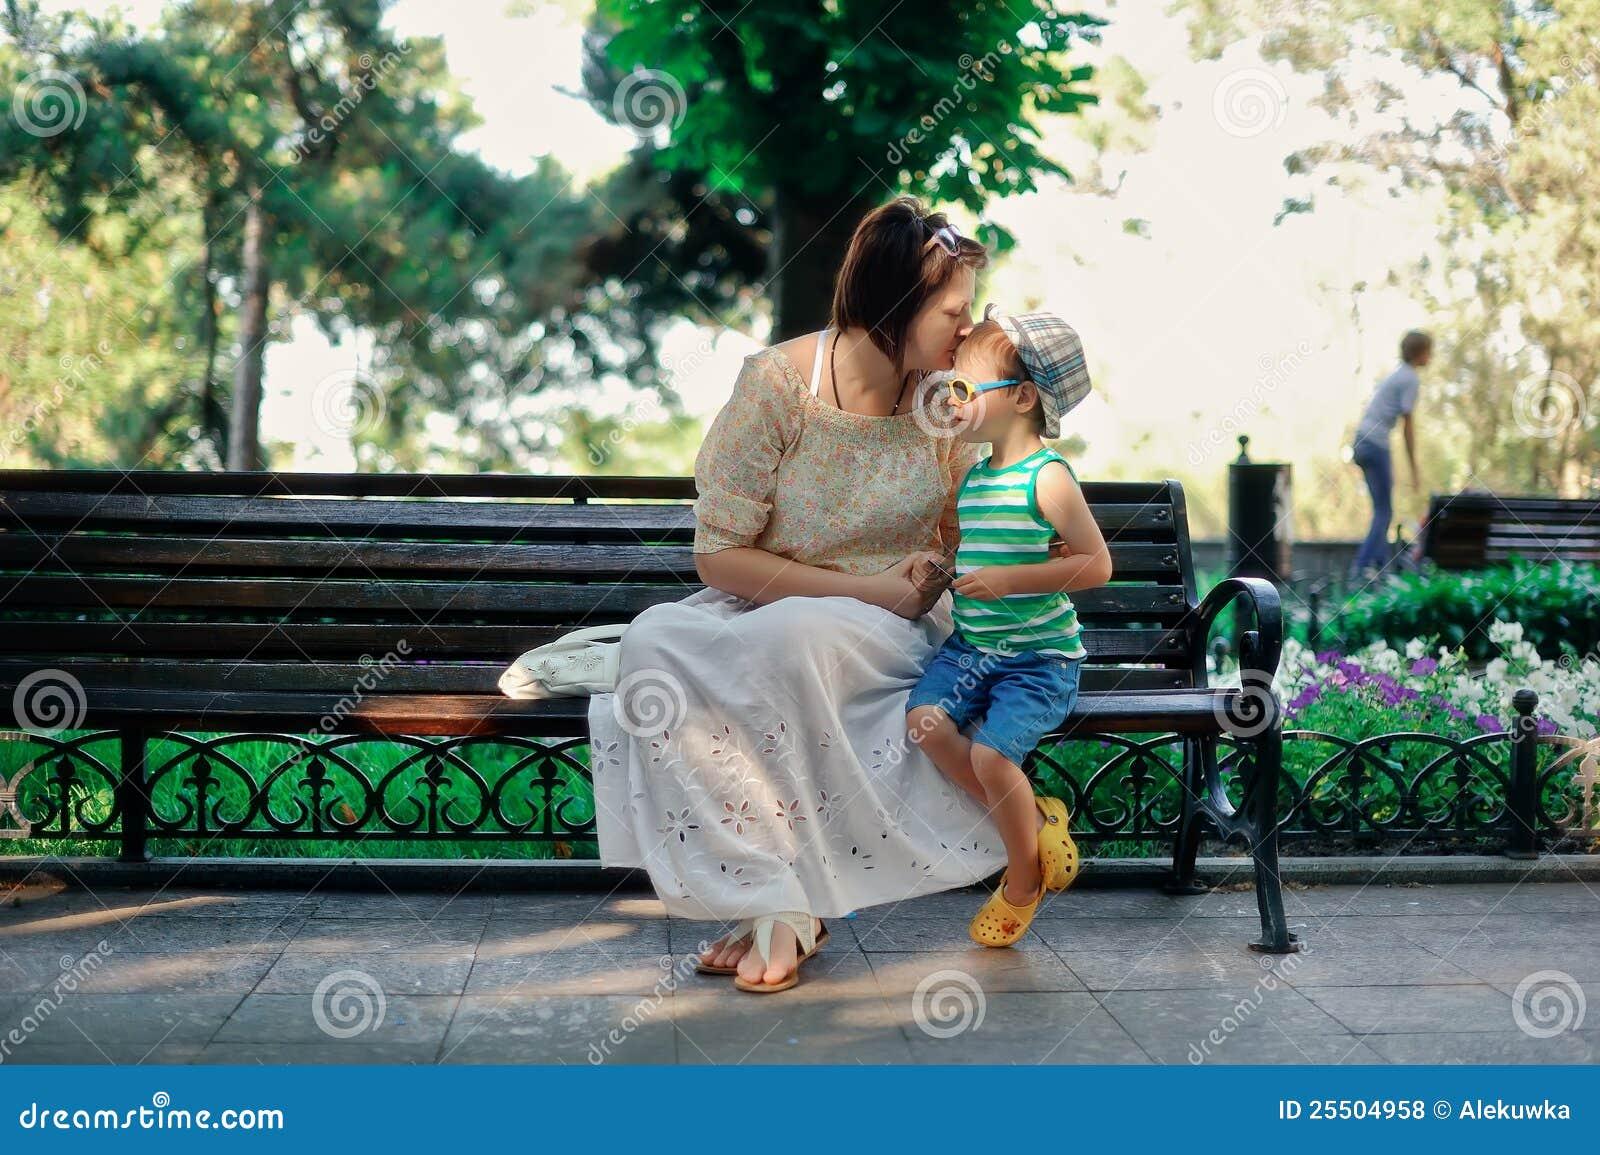 Сын доит свою мать 7 фотография